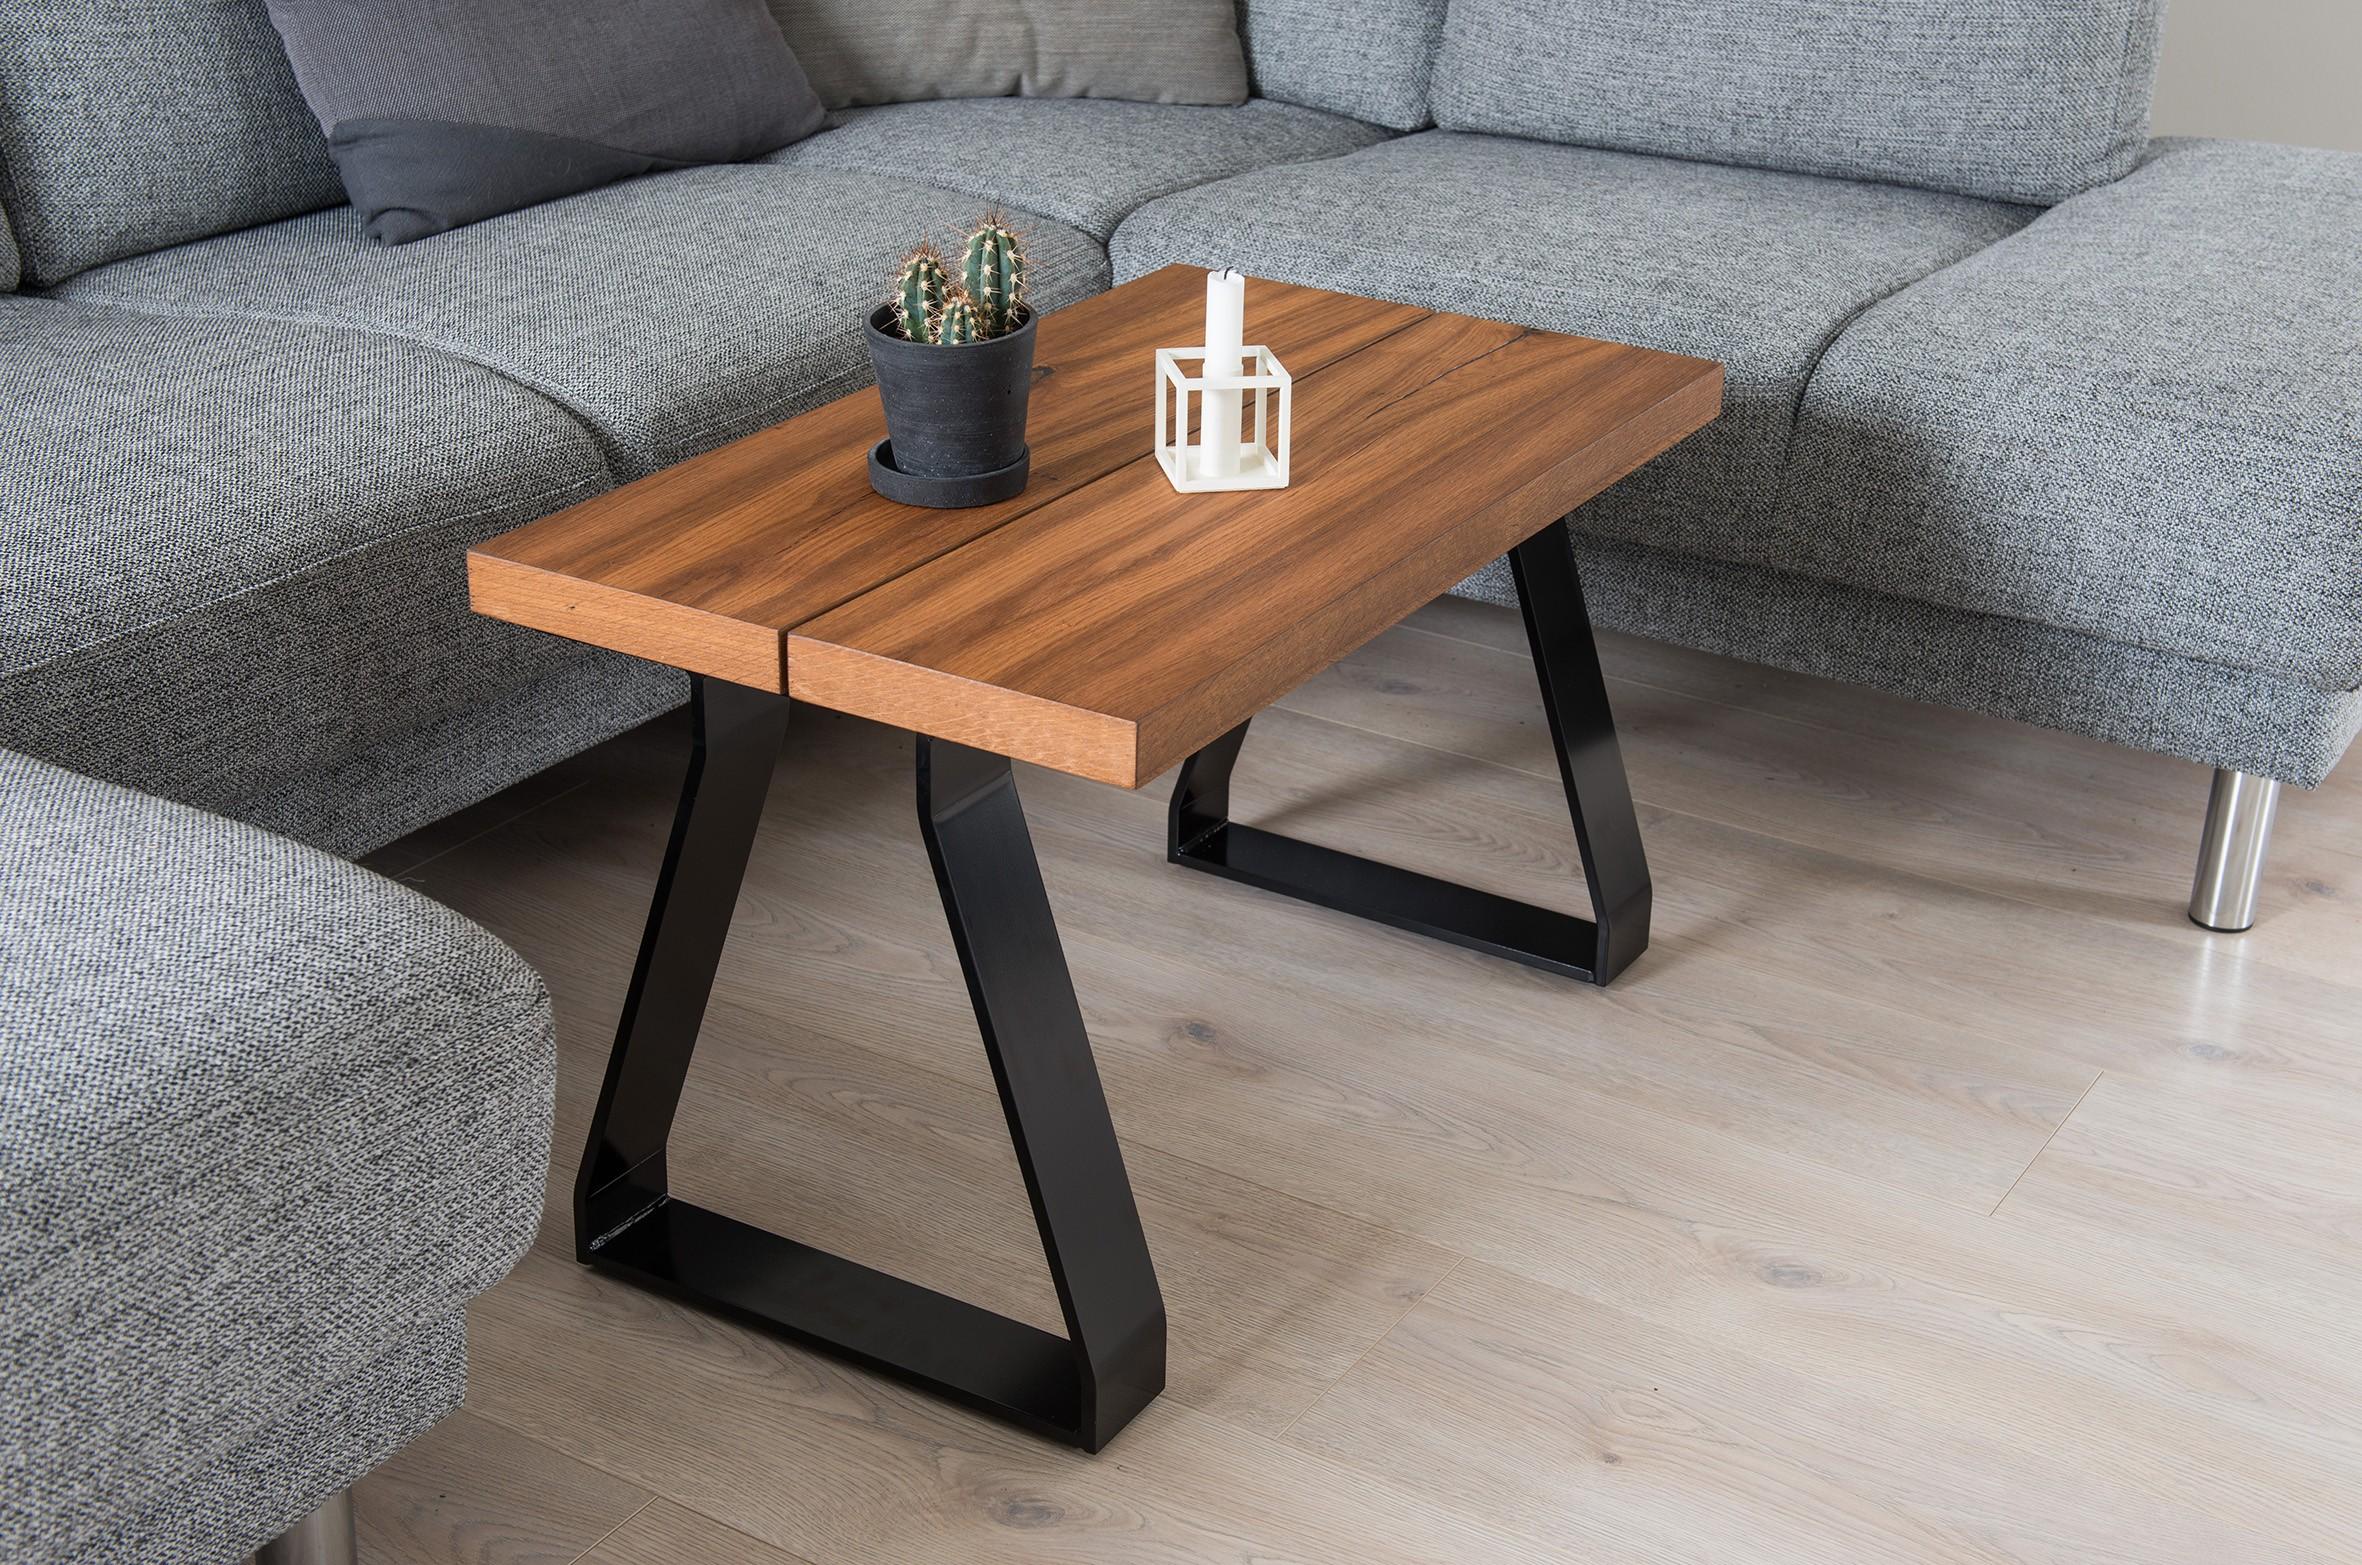 Et Sofabord Efter Eget Design Bygogbolig